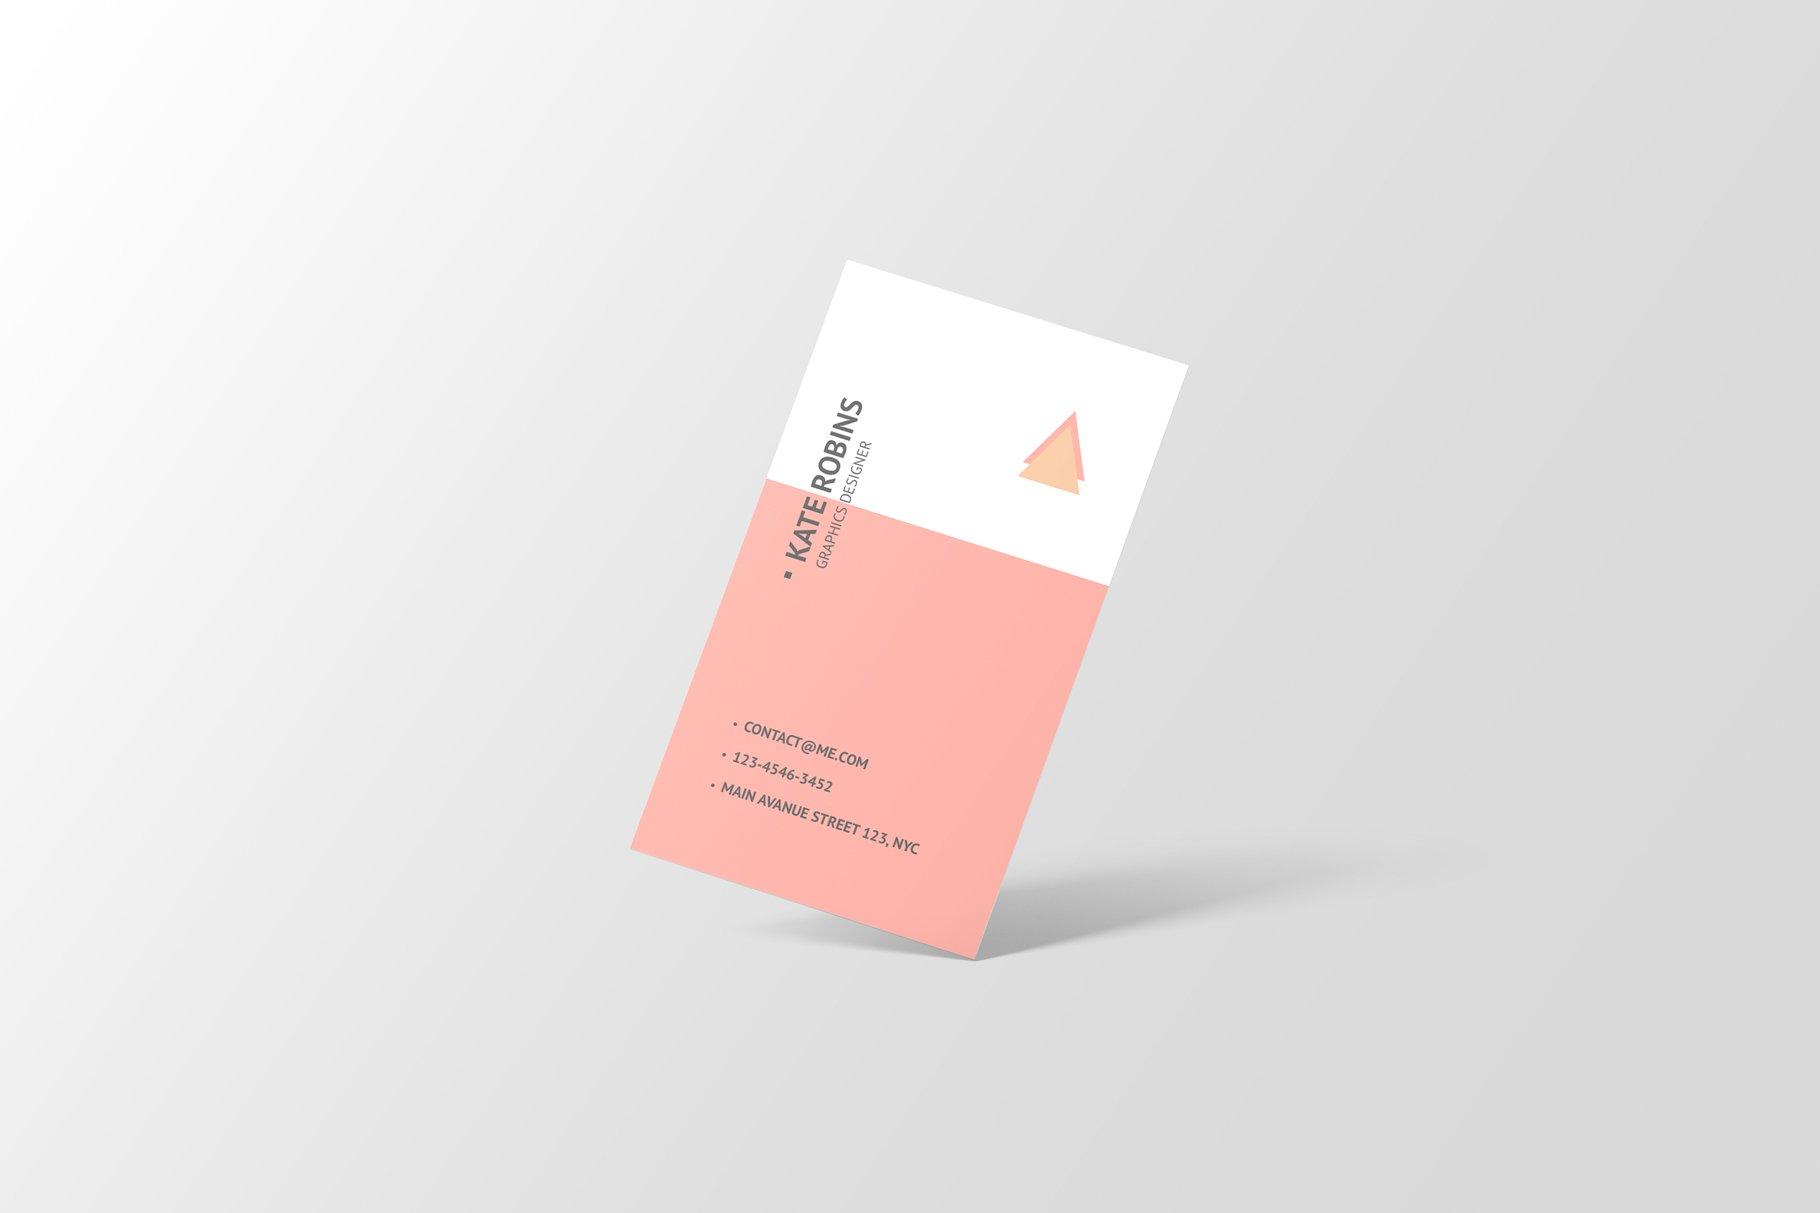 14款商务个人名片卡片设计展示样机 Portrait Business Card Mockup插图(2)